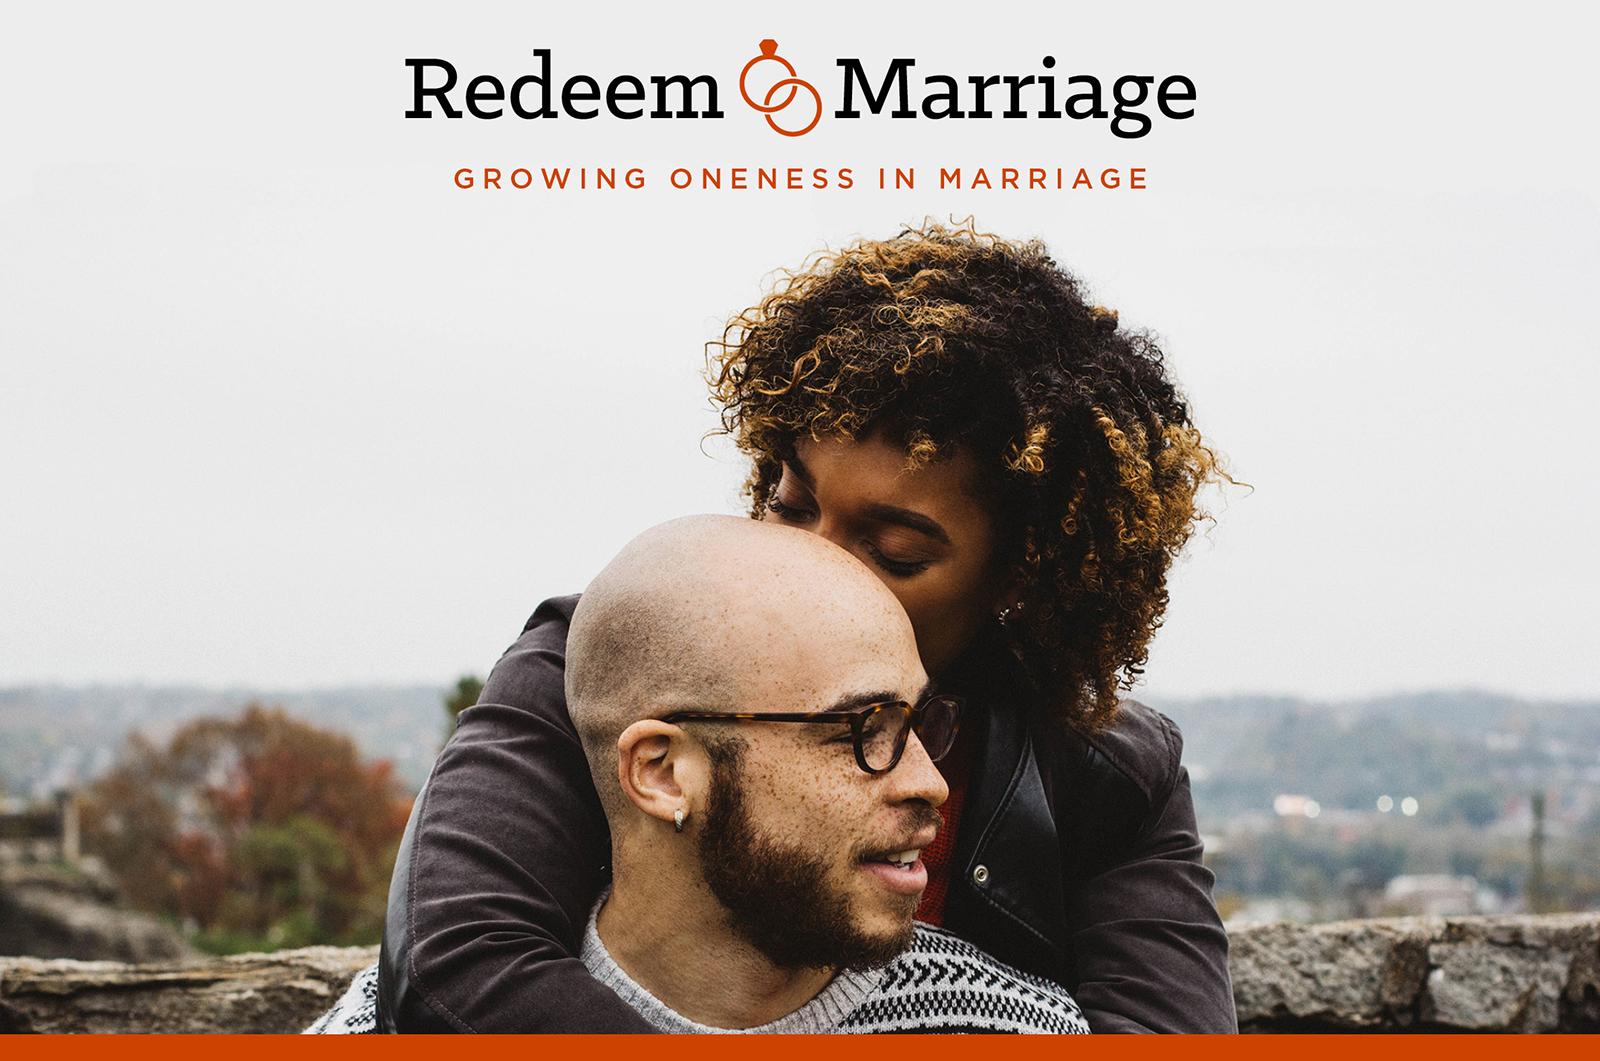 Redeem-Marriage-2019-Website-Event.jpg